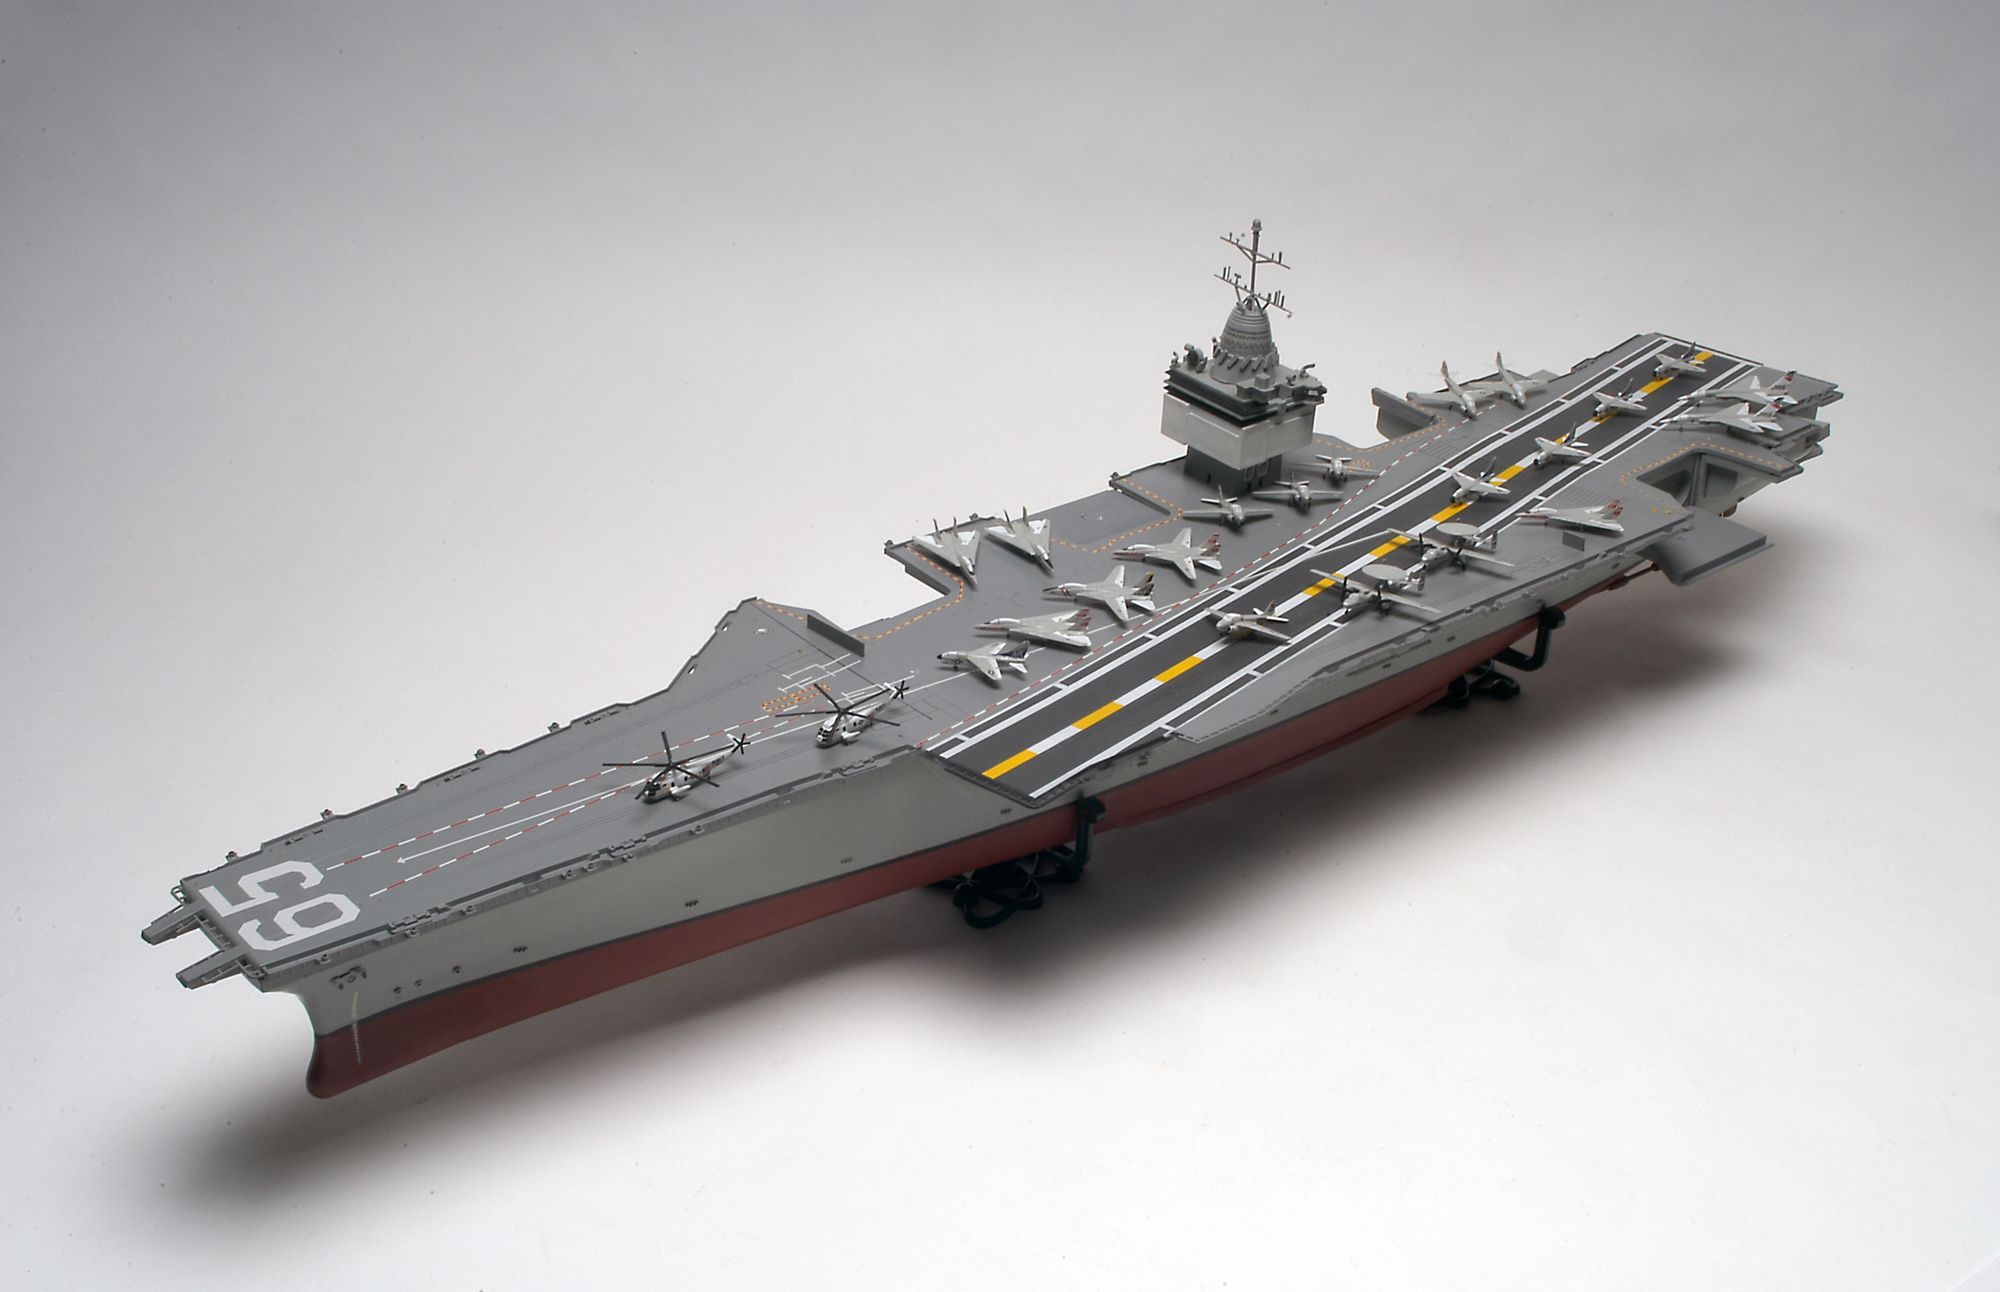 05173-USS-Enterprise_Modell Revell-Neuheiten 2020